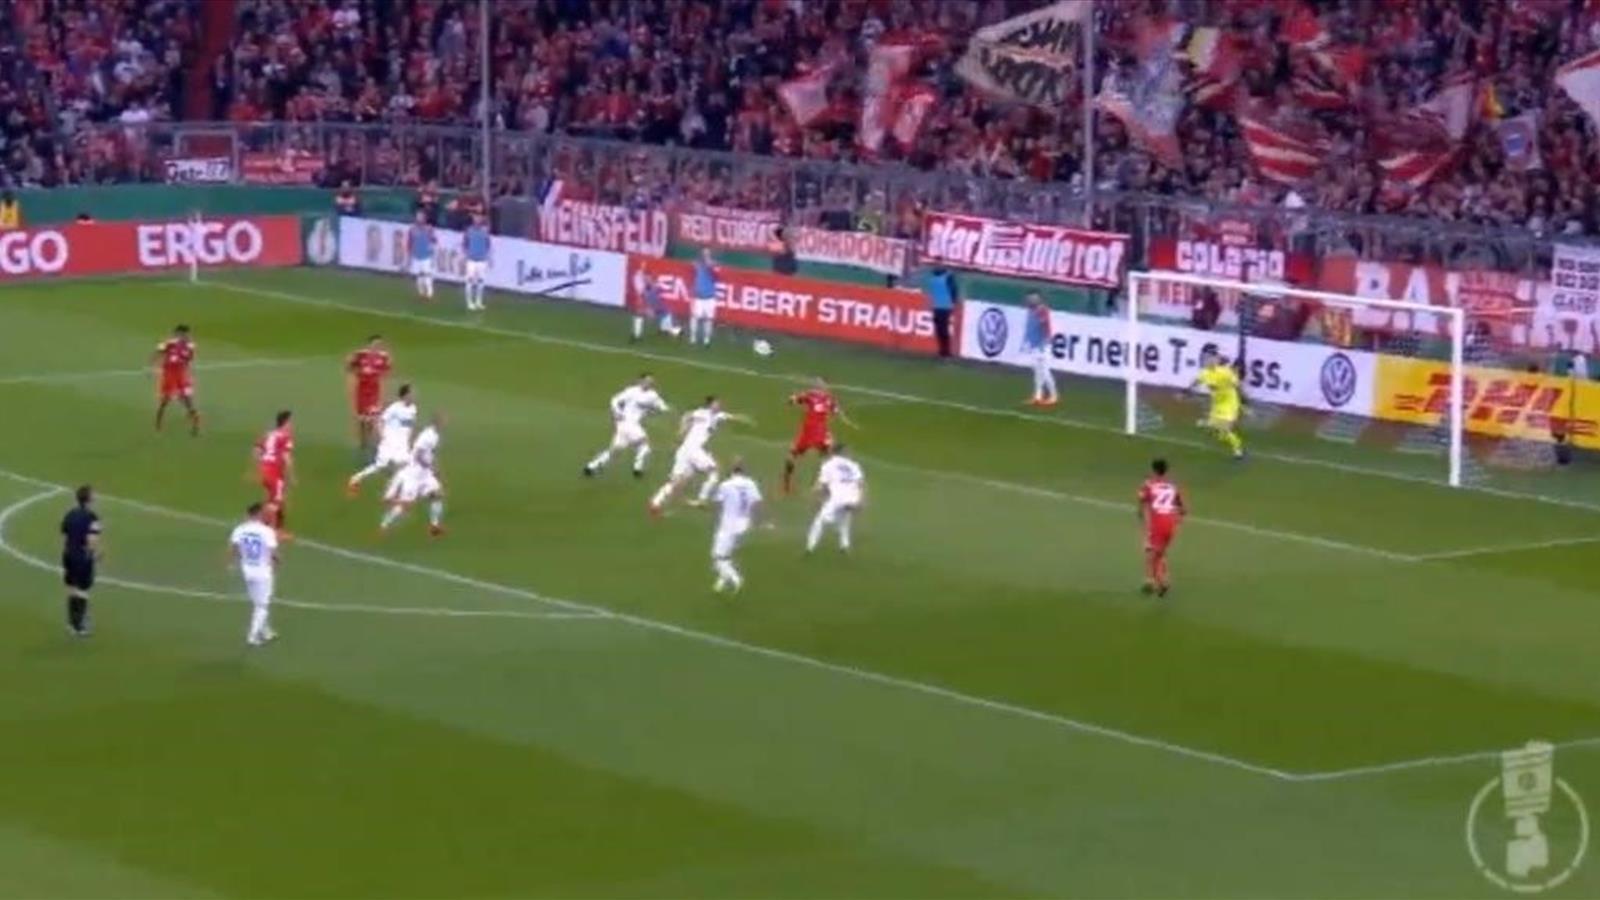 Удаление на 15-й минуте и 9 голов – «Бавария» и «Хайденхайм» развернули матч покруче «Барсы»